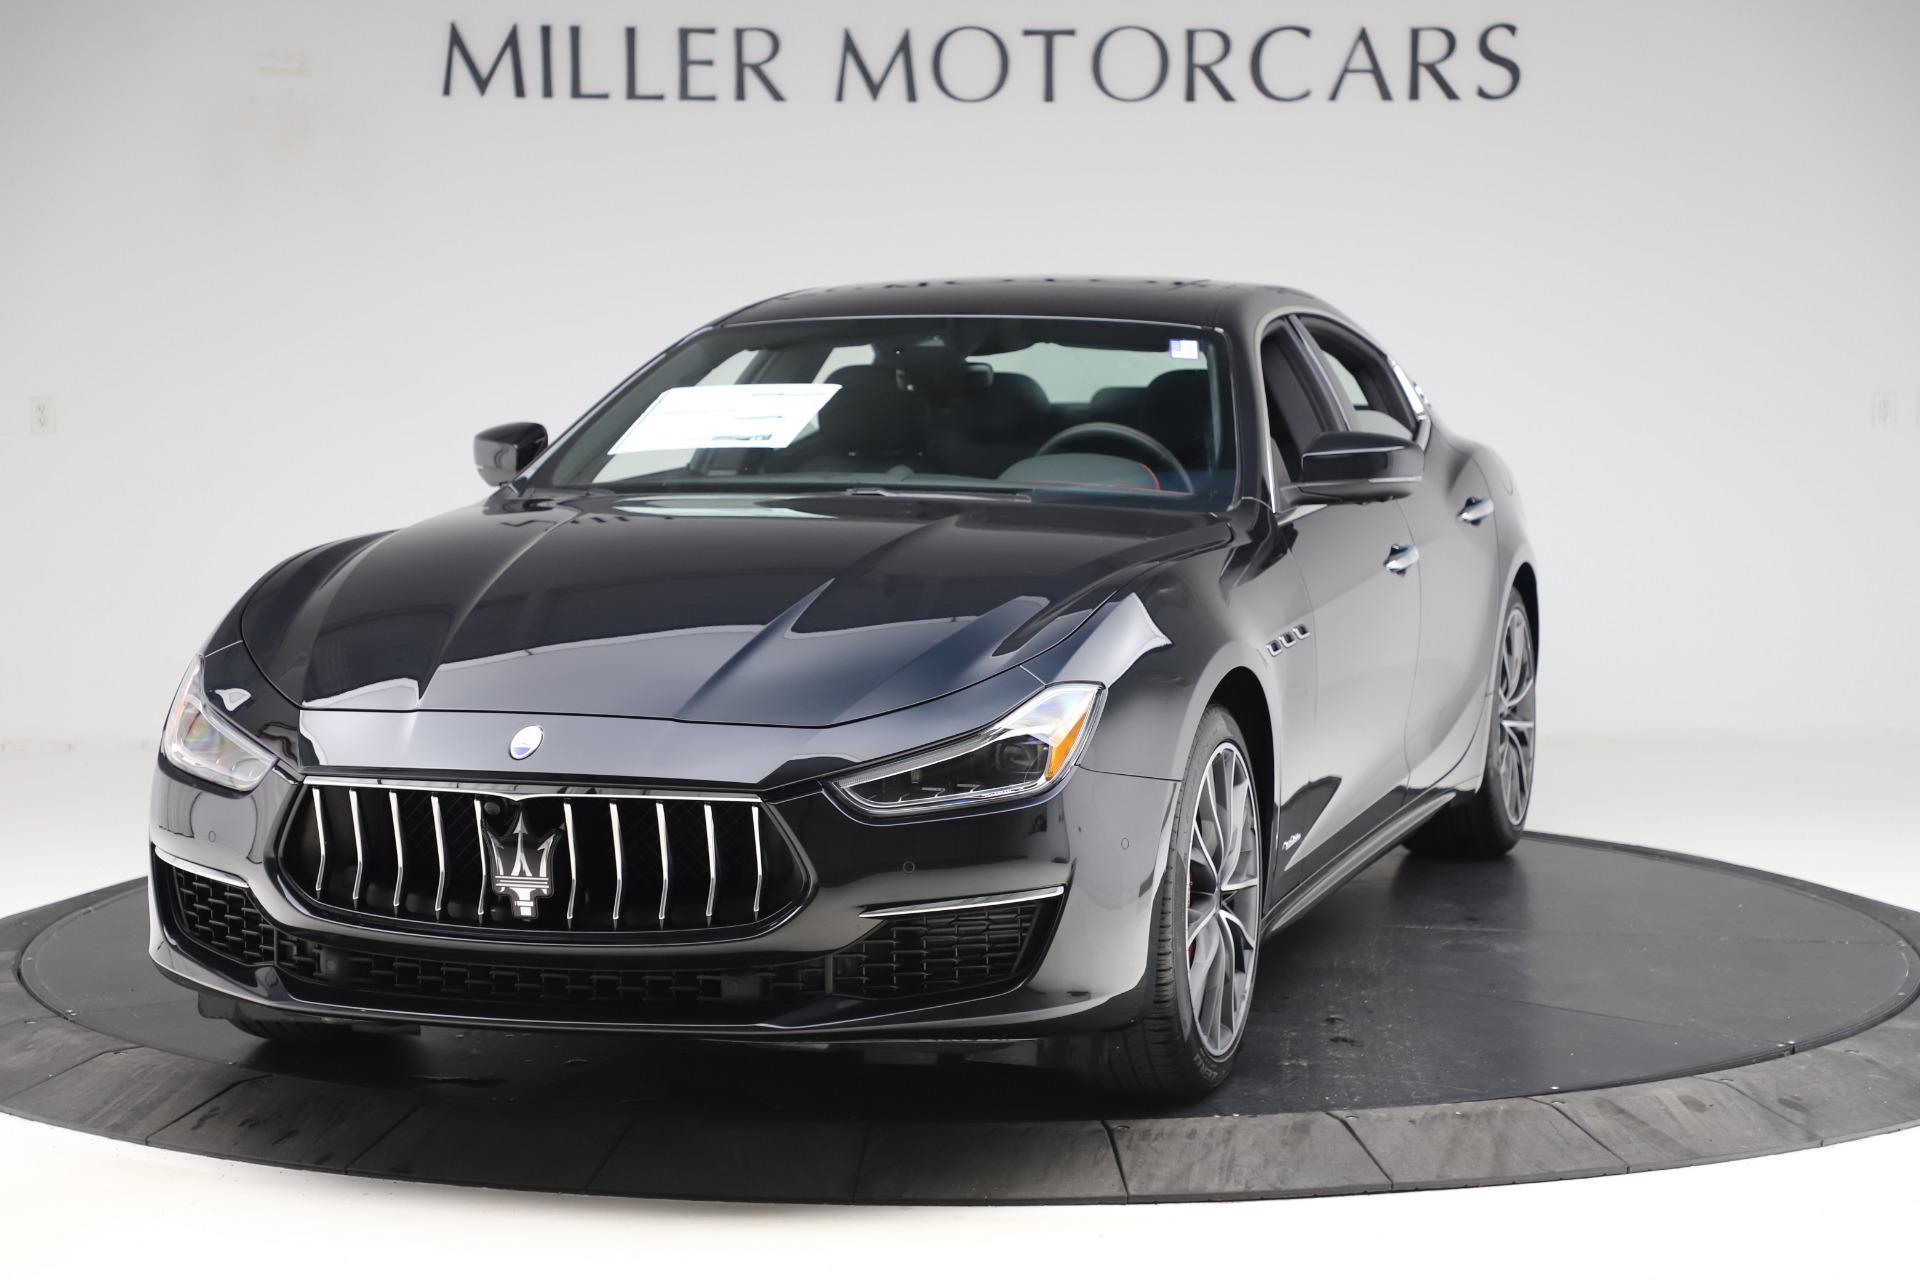 New 2019 Maserati Ghibli S Q4 GranLusso for sale $98,395 at Maserati of Westport in Westport CT 06880 1